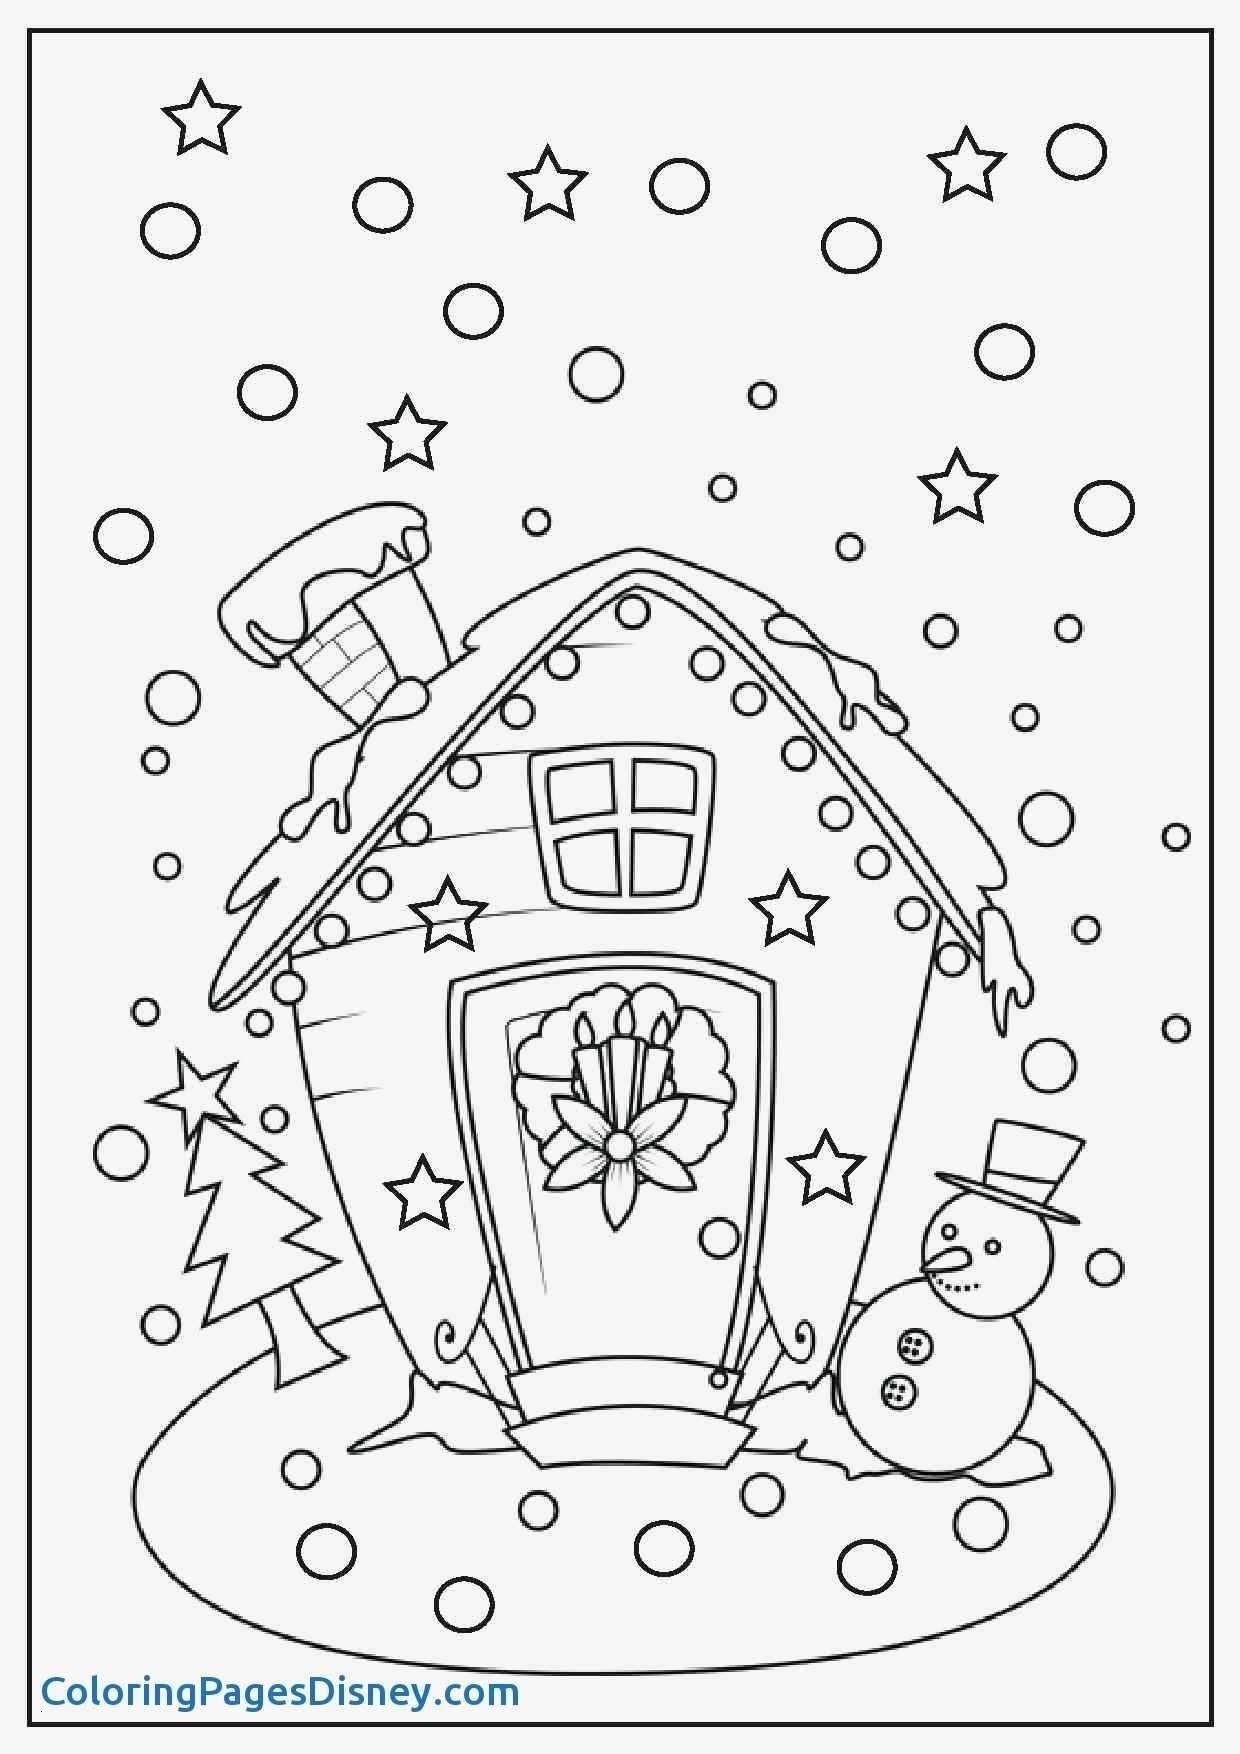 Minnie Maus Malvorlage Einzigartig Schrift Malvorlagen Wundersame Minnie Mouse Malvorlagen Frisch Bild